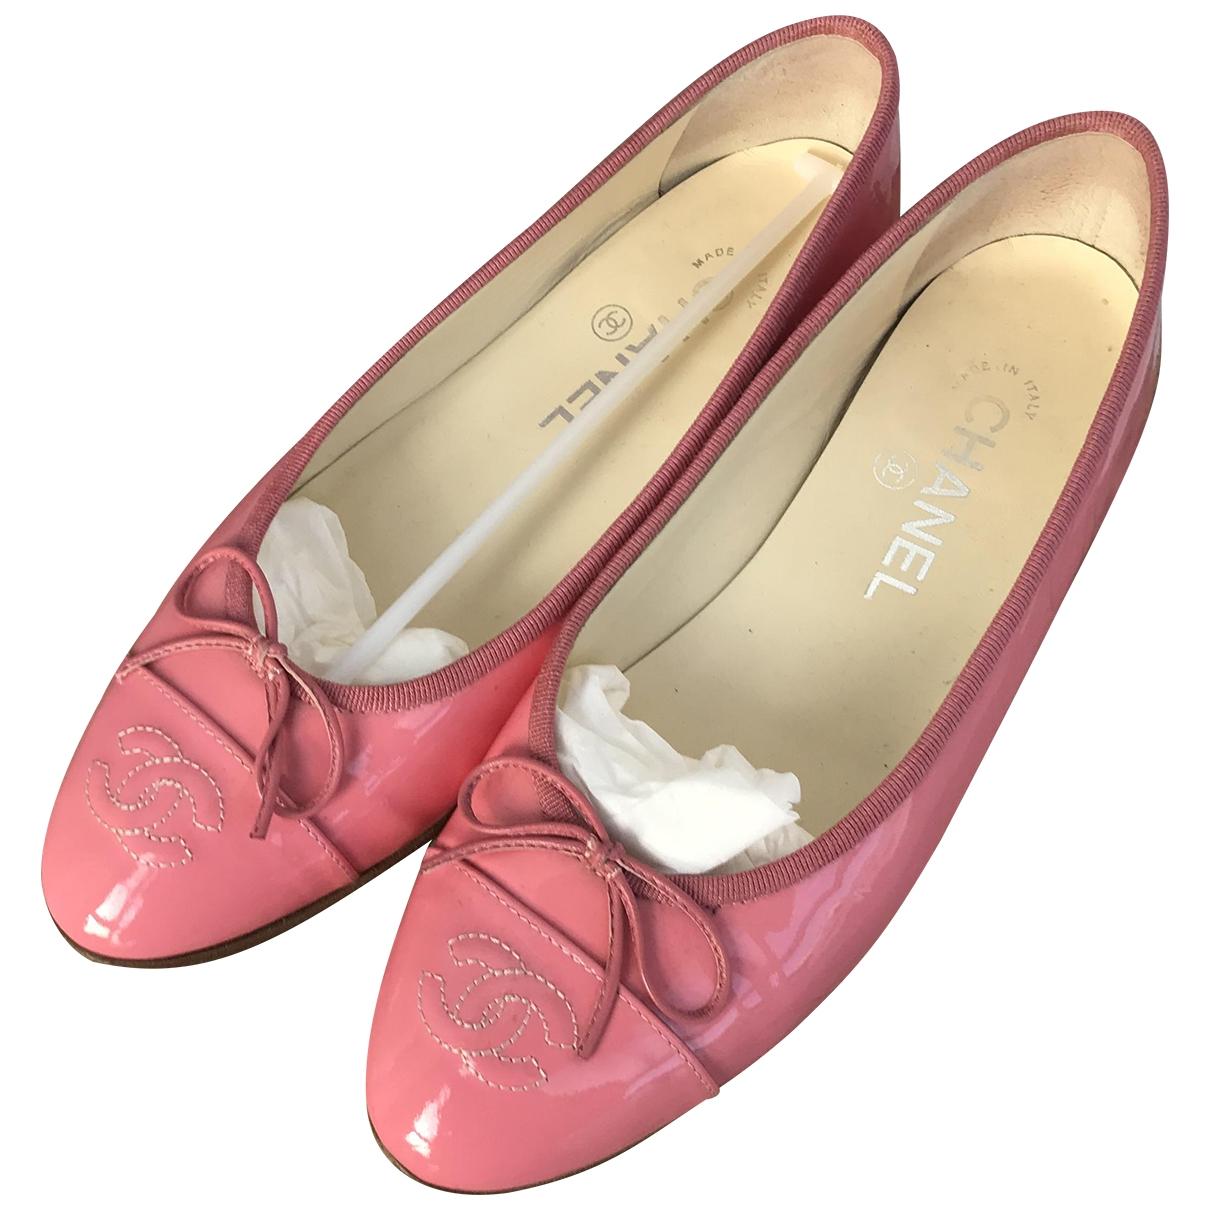 Chanel \N Ballerinas in  Rosa Lackleder